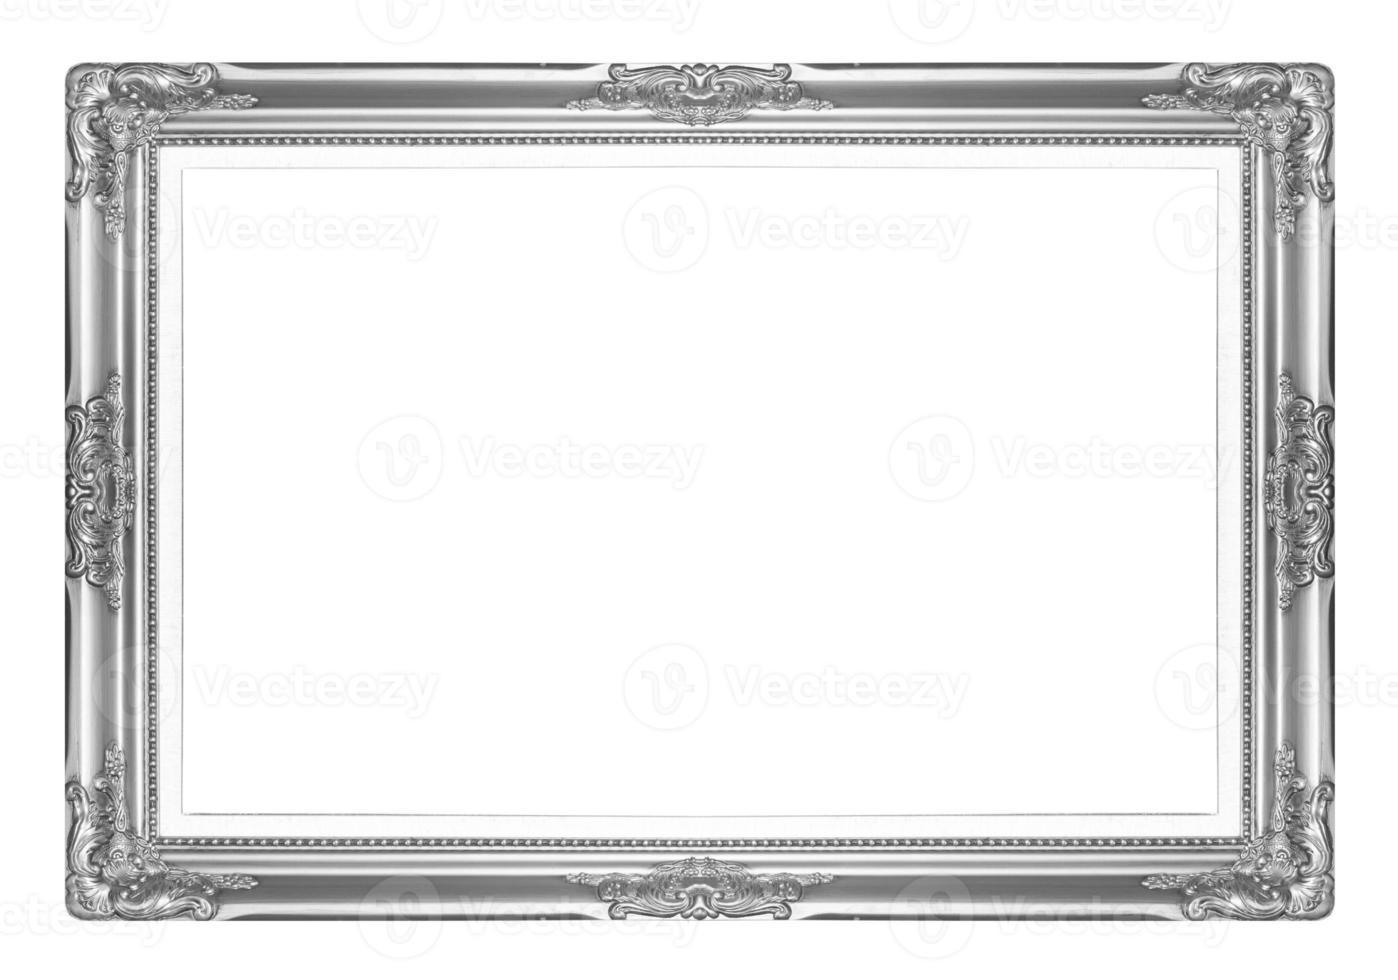 porta-retratos antigos de prata. isolado em fundo branco foto